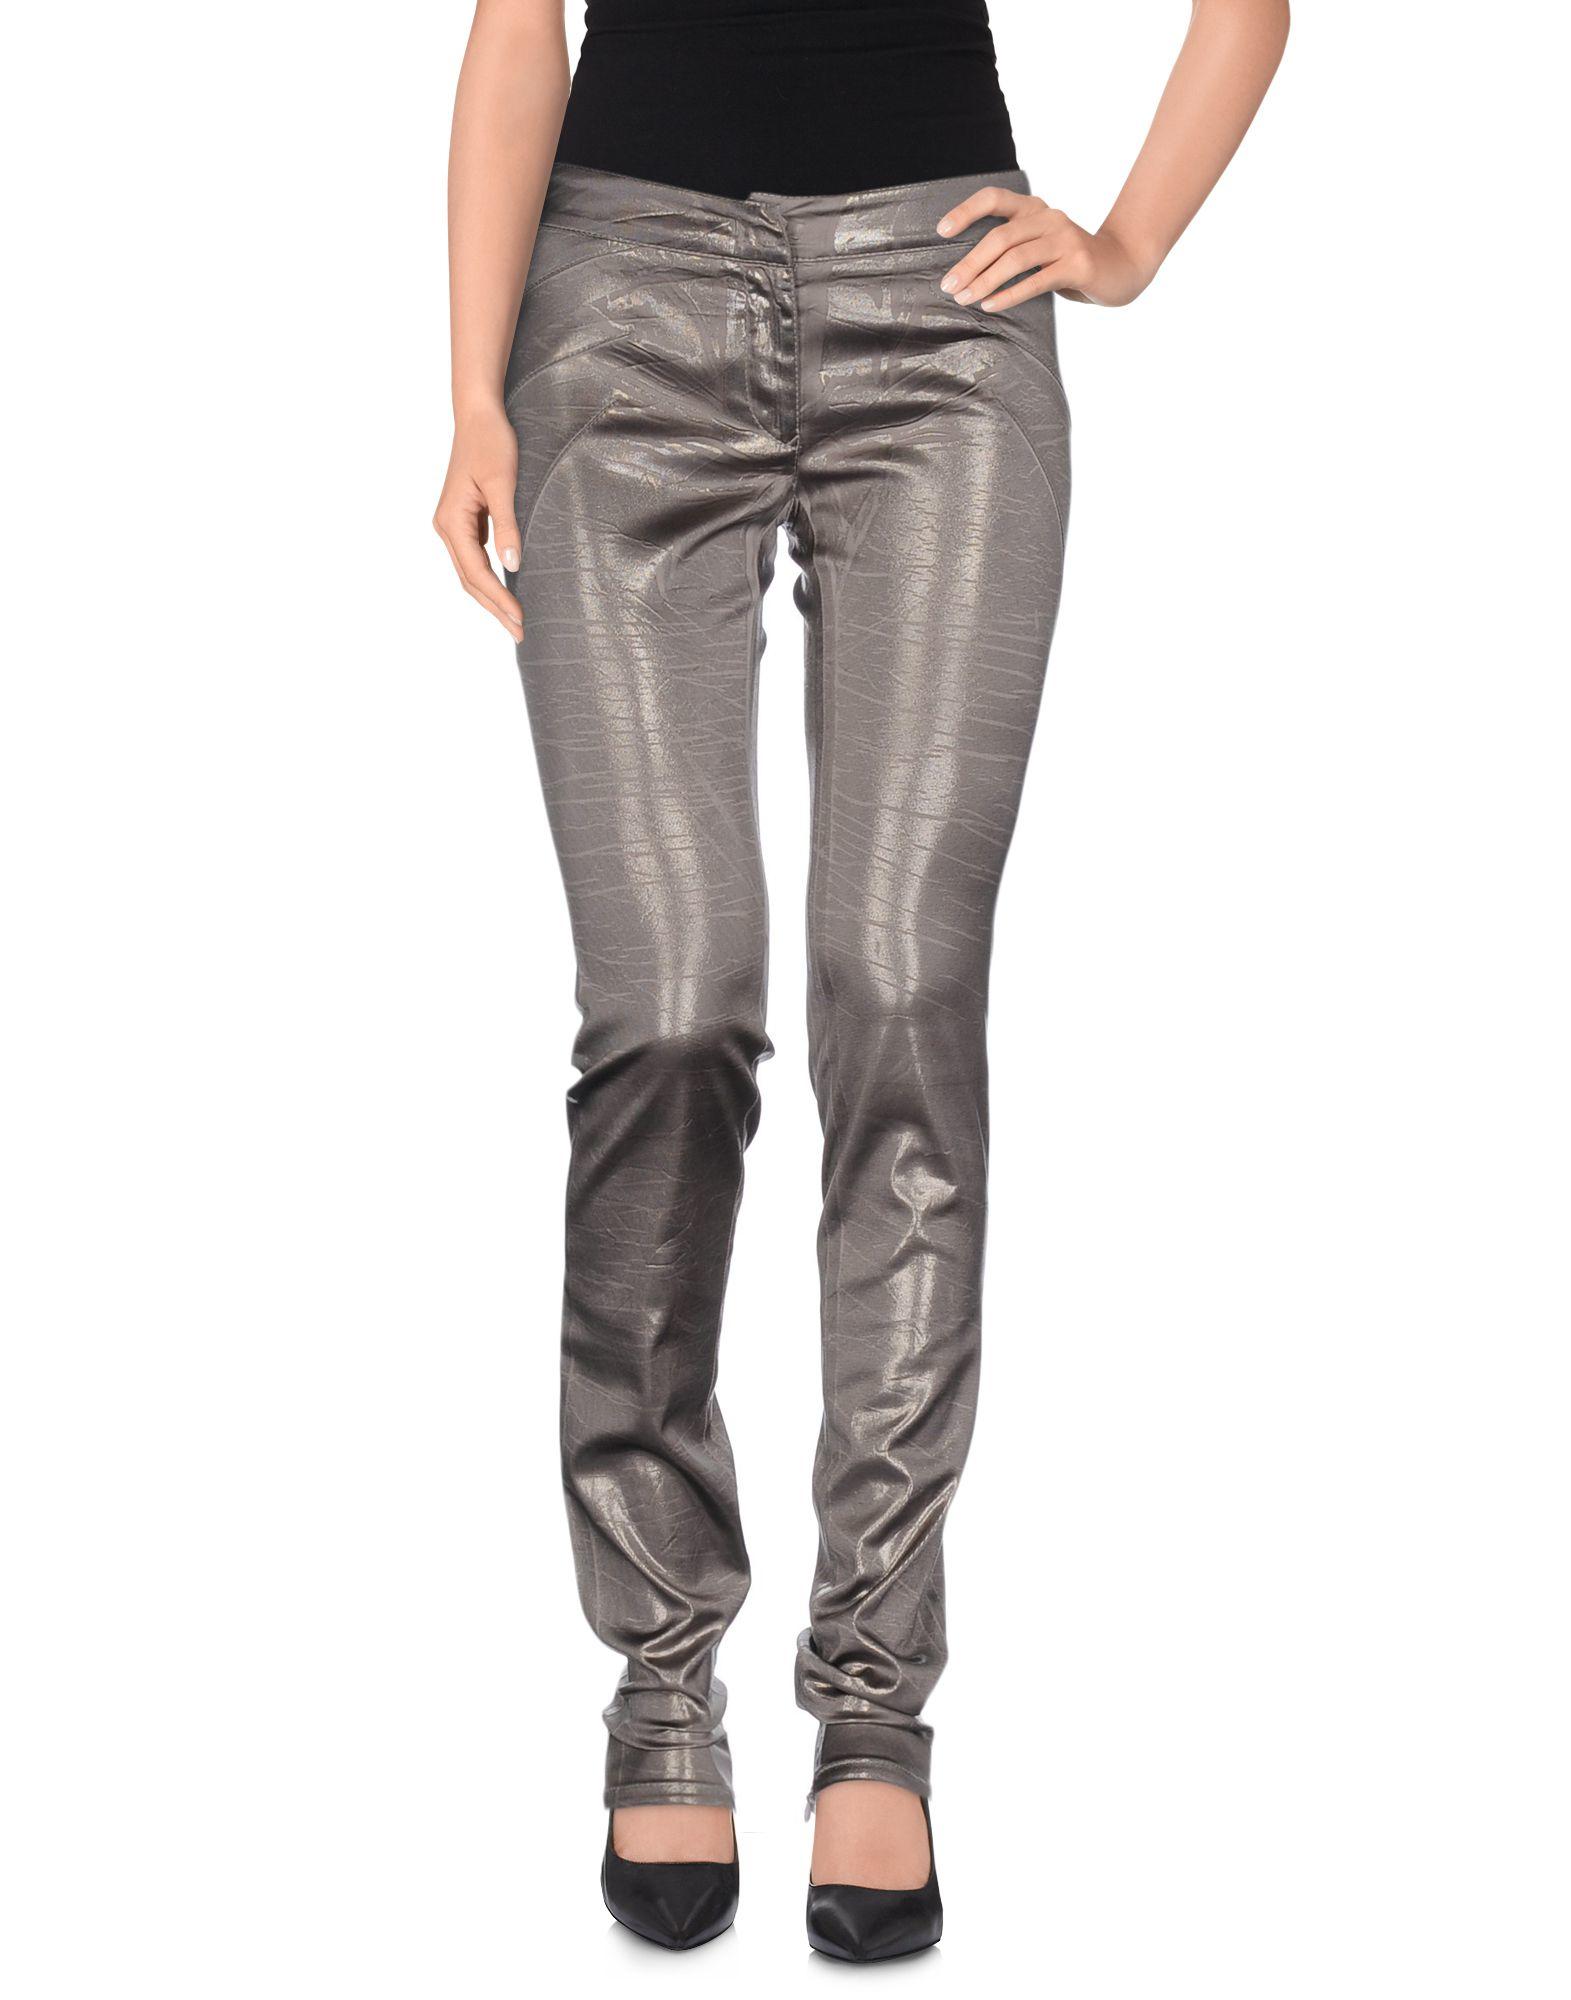 Blumarine Casual Trouser in Metallic